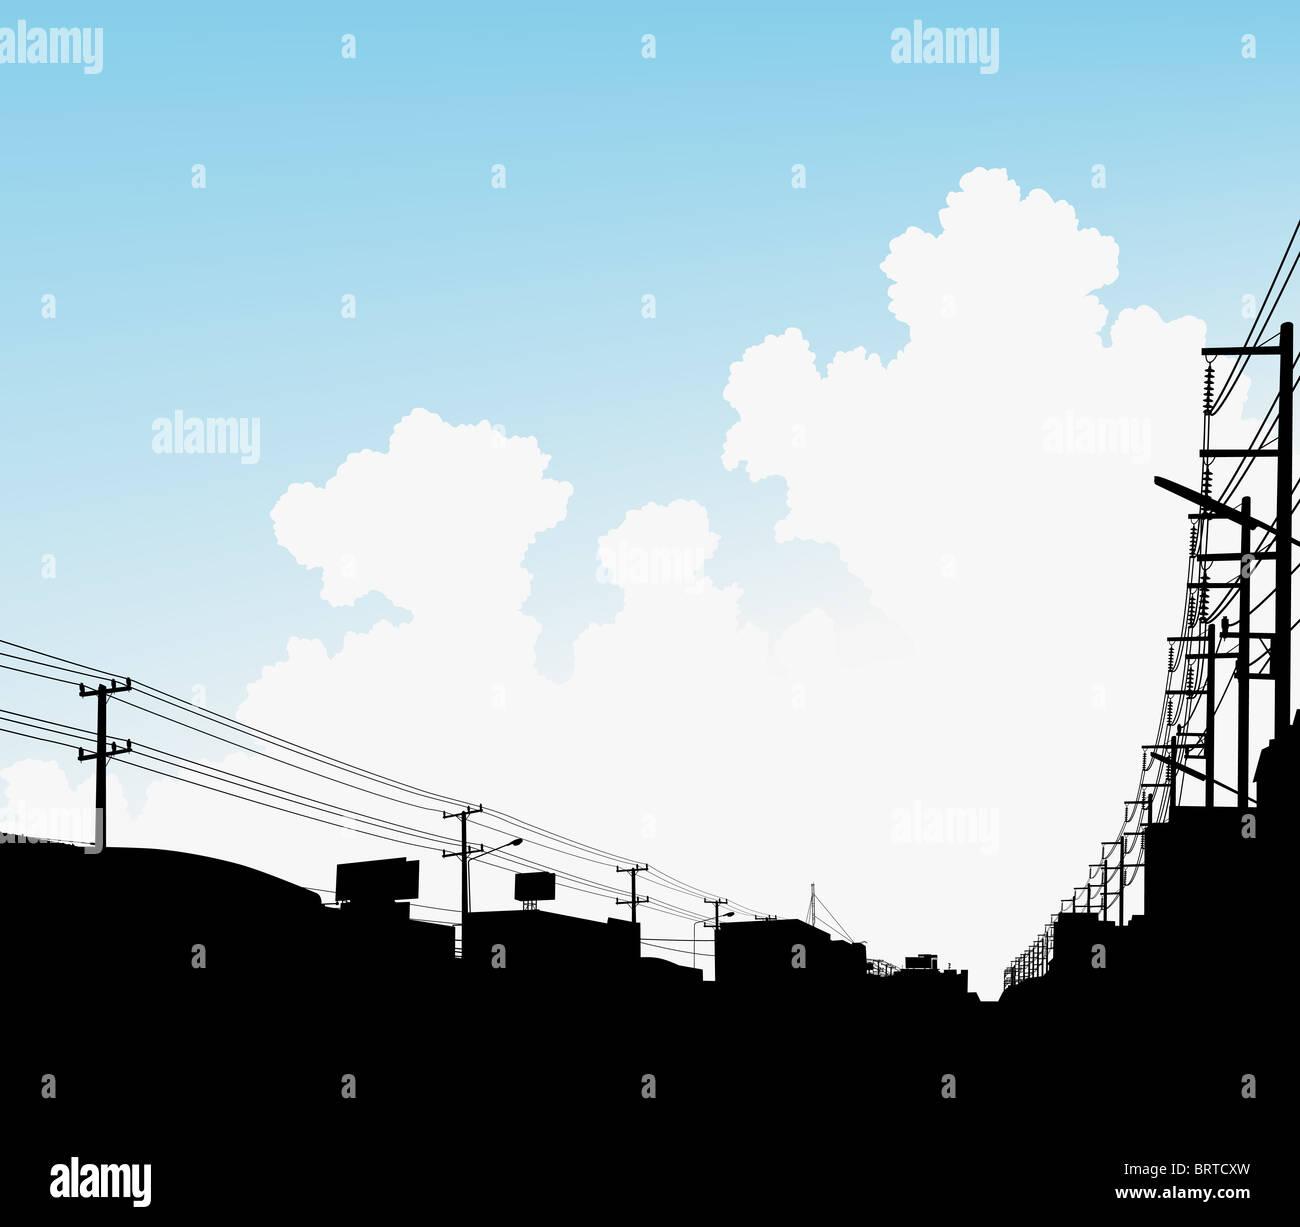 Abbildung der Wolken über einer Stadt mit Textfreiraum Stockbild